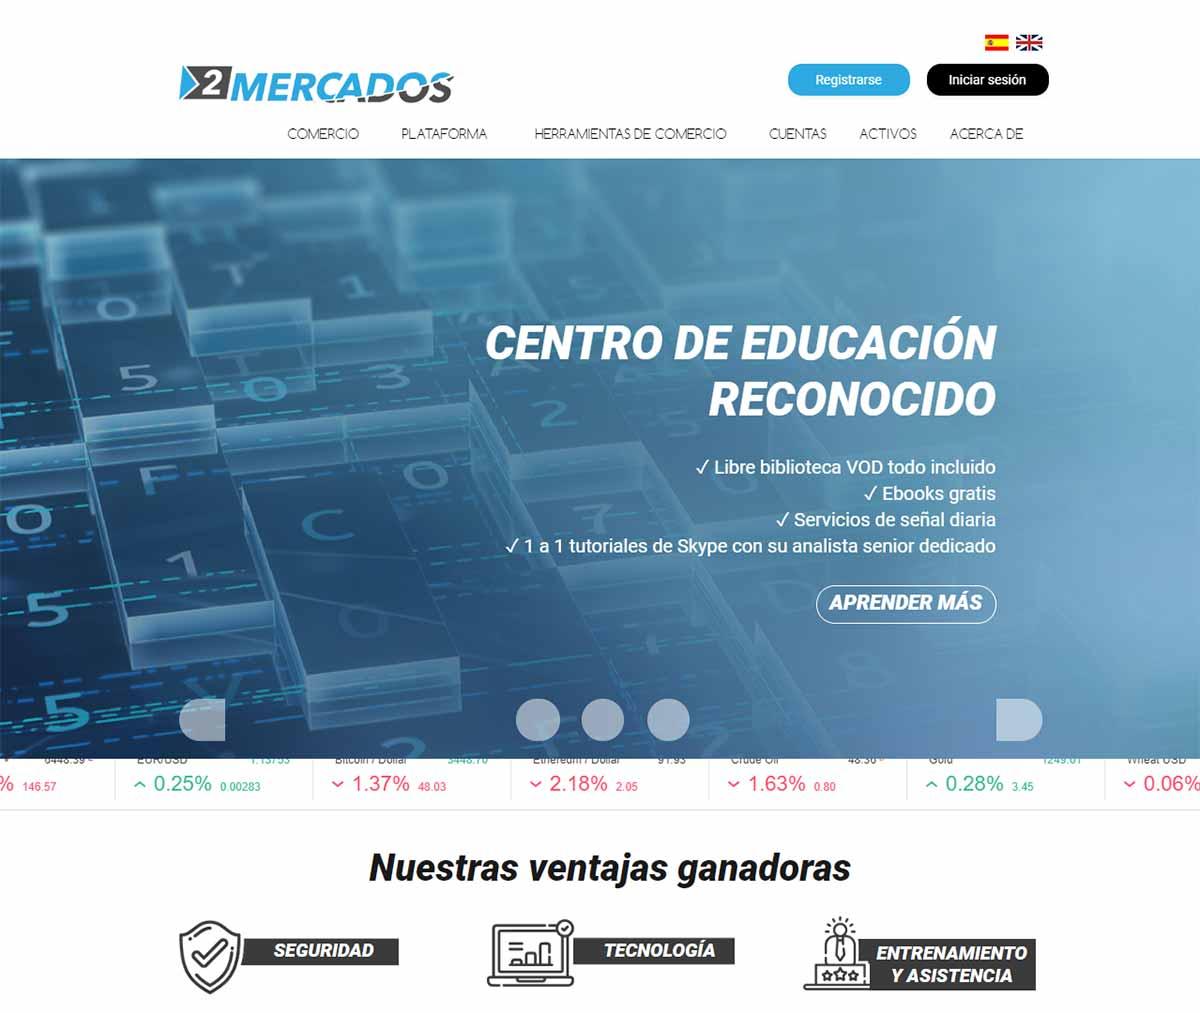 Página web de 2mercados